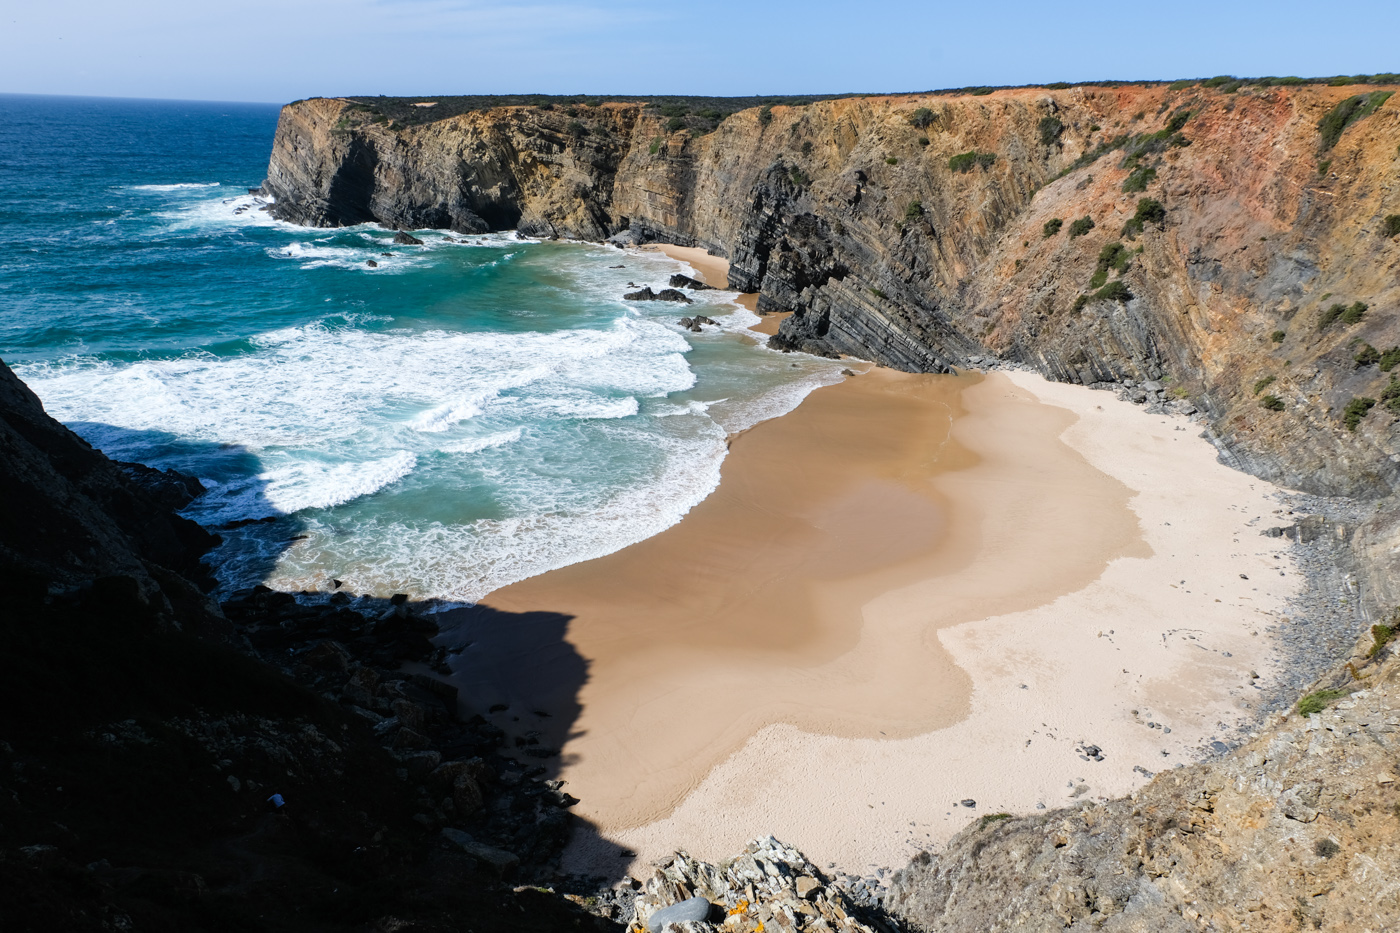 Rota Vicentina cammino a piedi Portogallo sentiero dei pescatori panorama